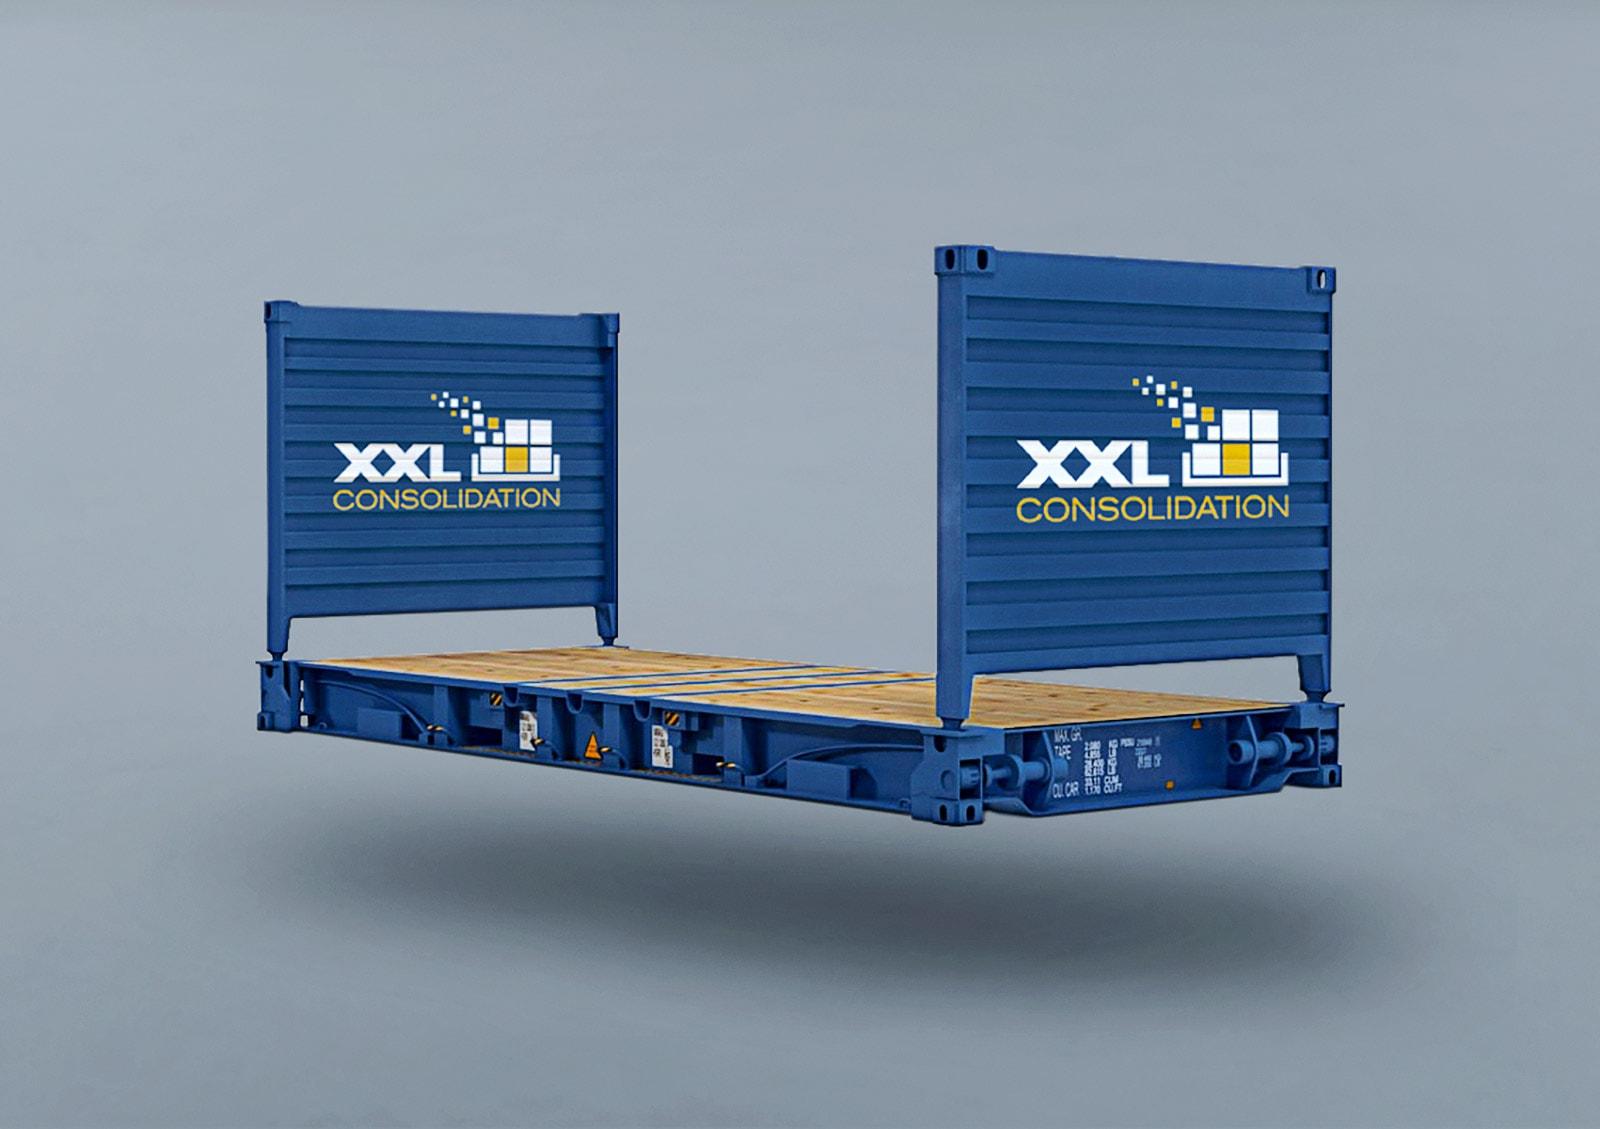 XXL Consolidation, Flat Rack, Beschriftung, Branding, Corporate Design